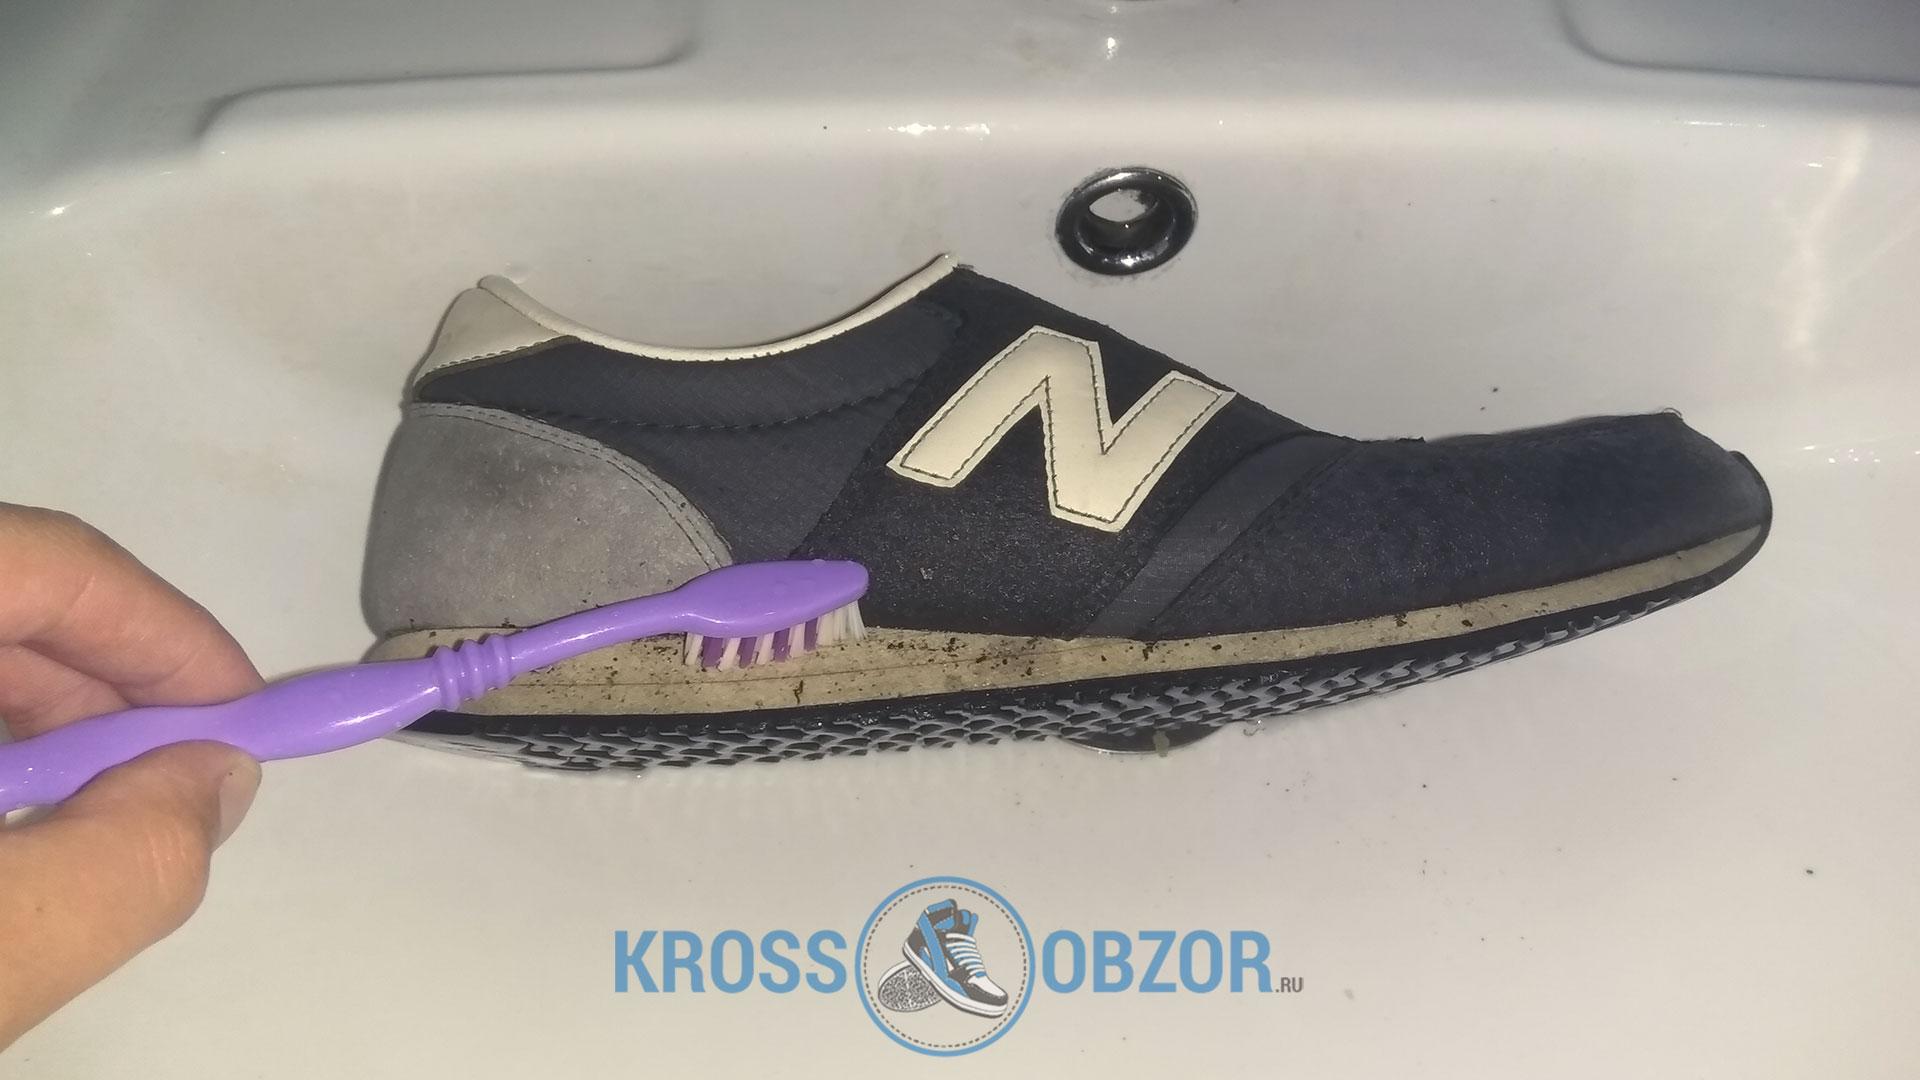 Чистим мидсоль кроссовок перед стиркой